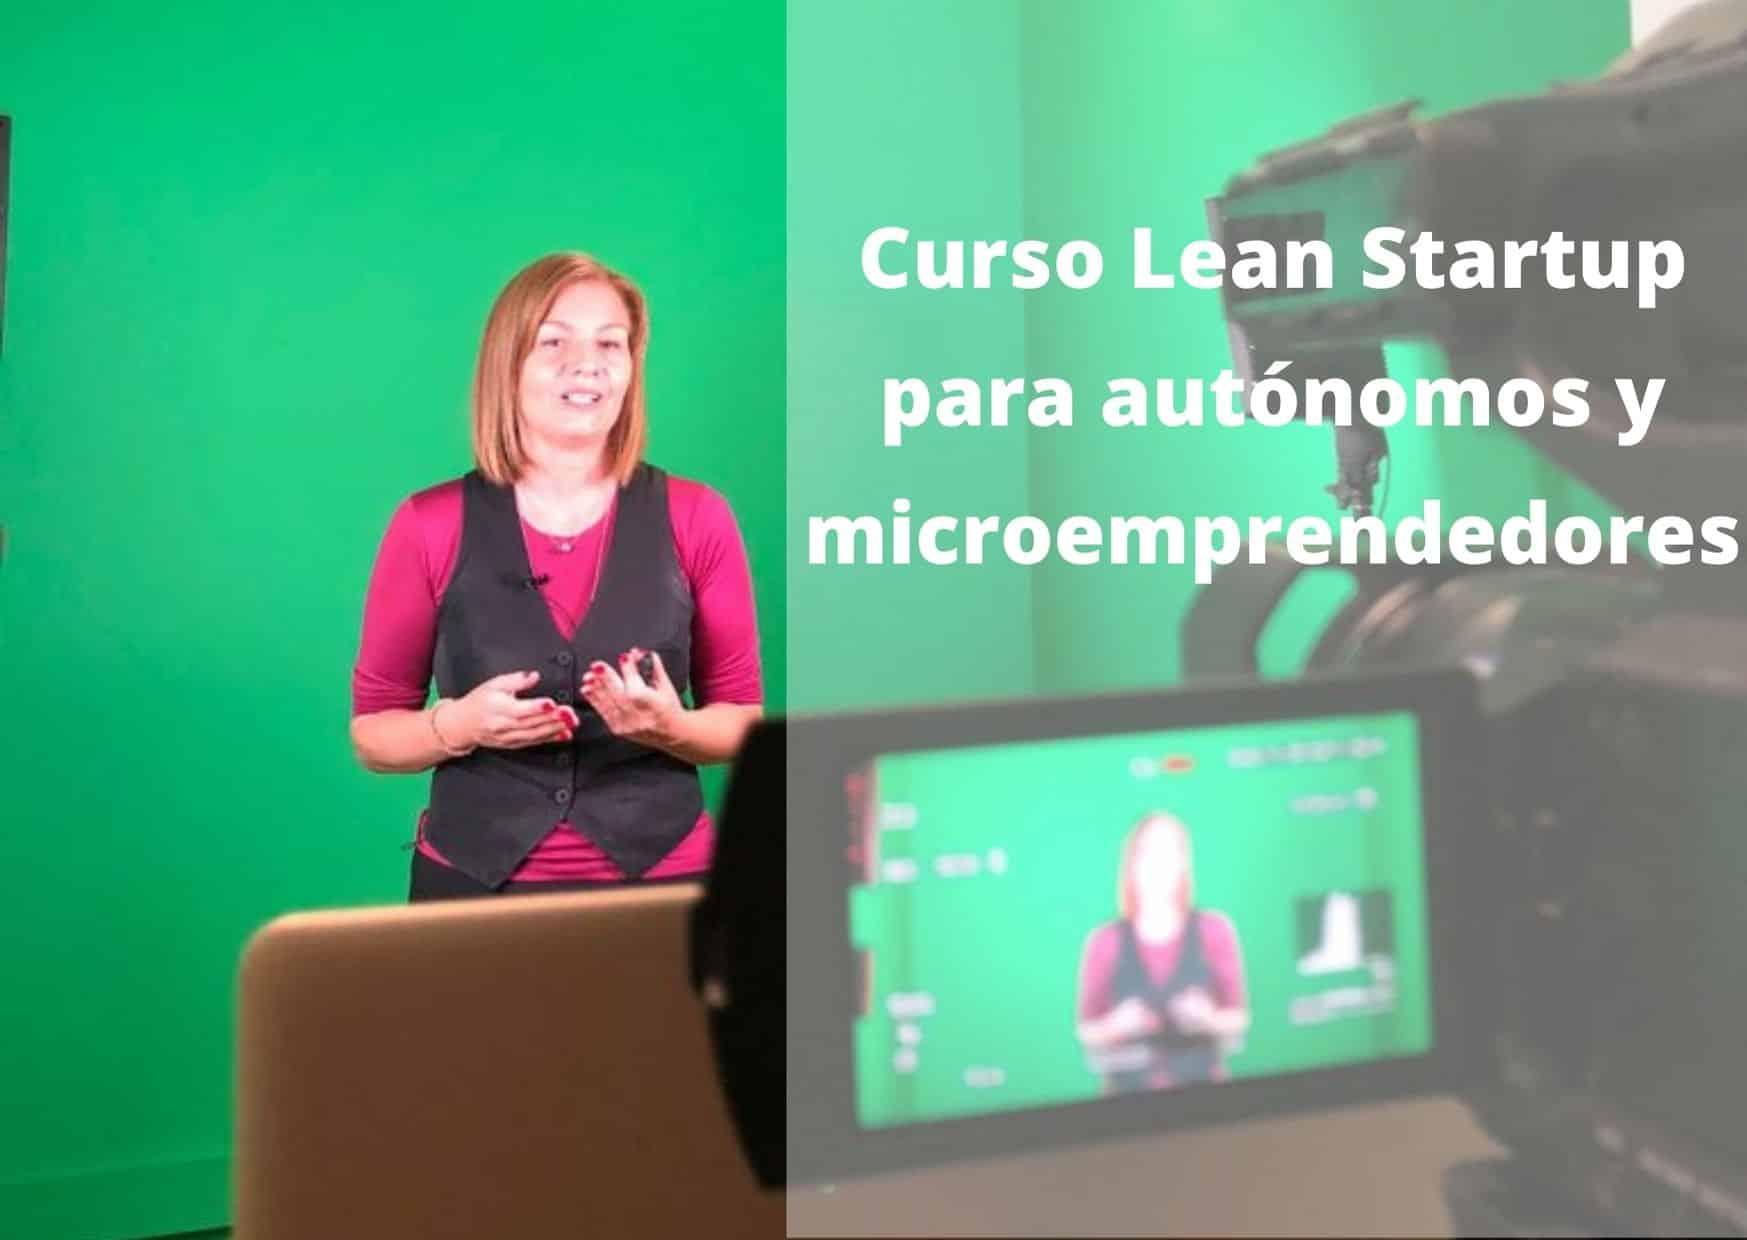 Curso Lean Startup para autónomos y microemprendedores